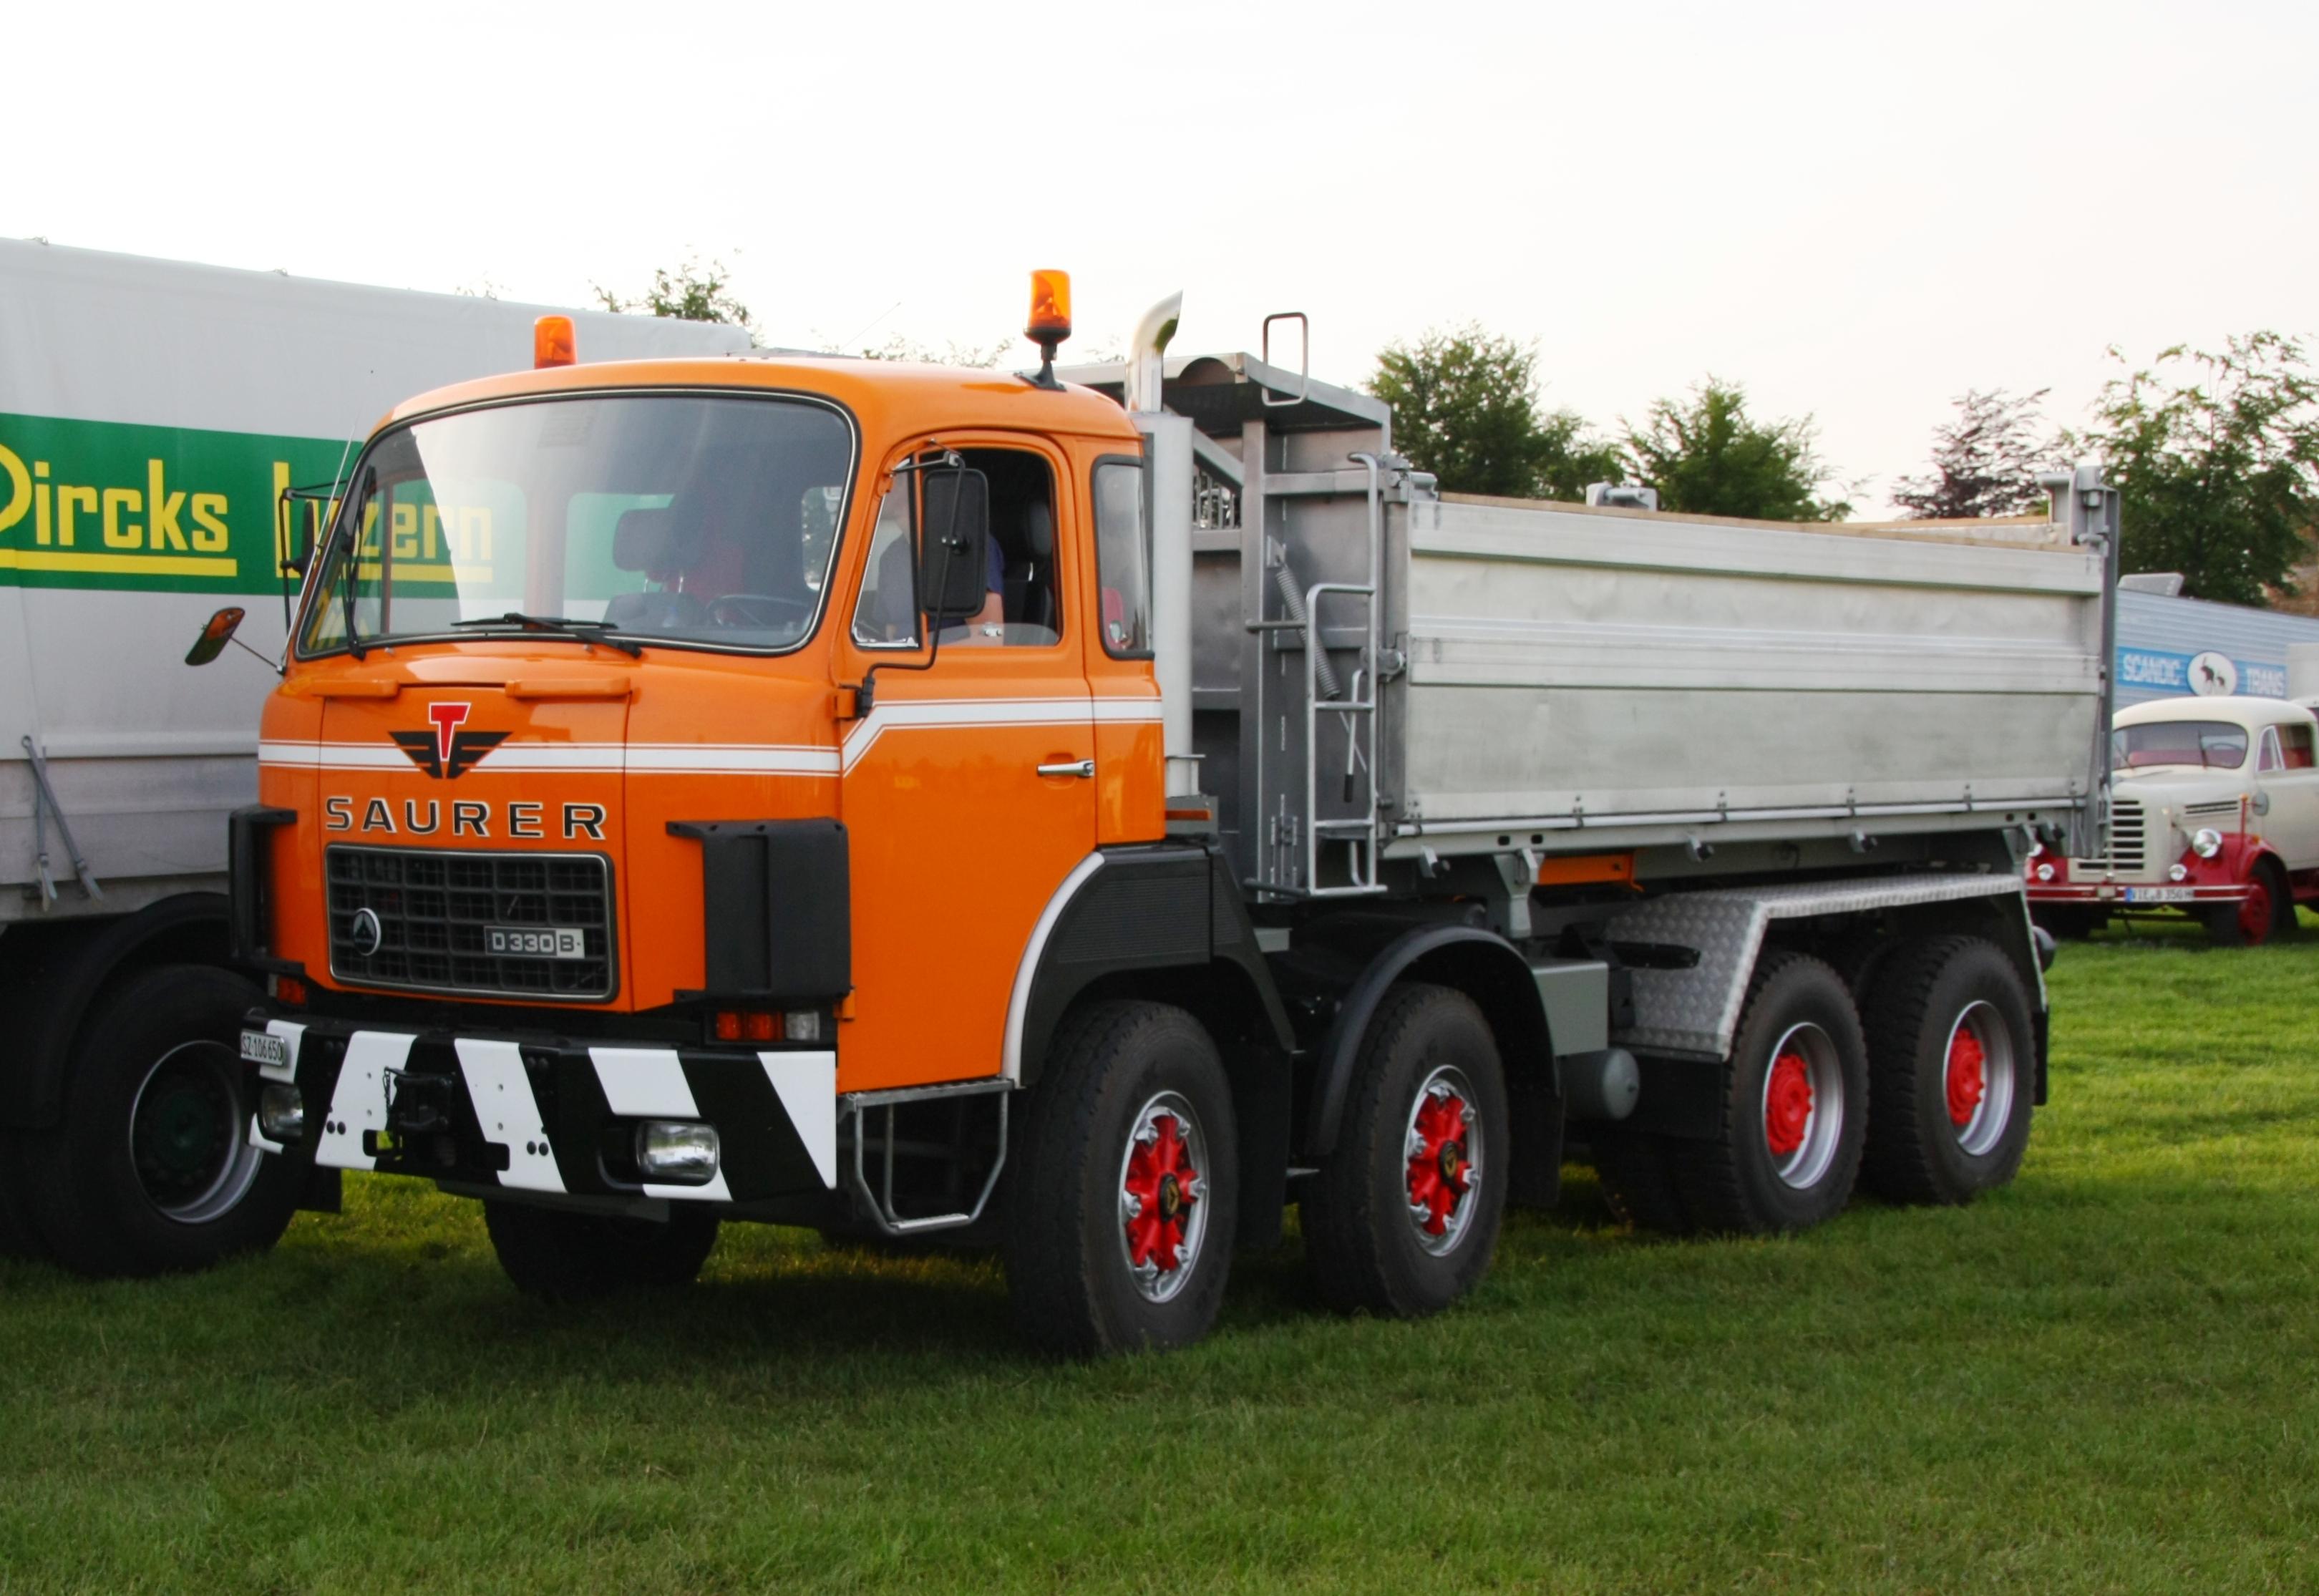 file saurer d 330b dump truck jpg wikimedia commons